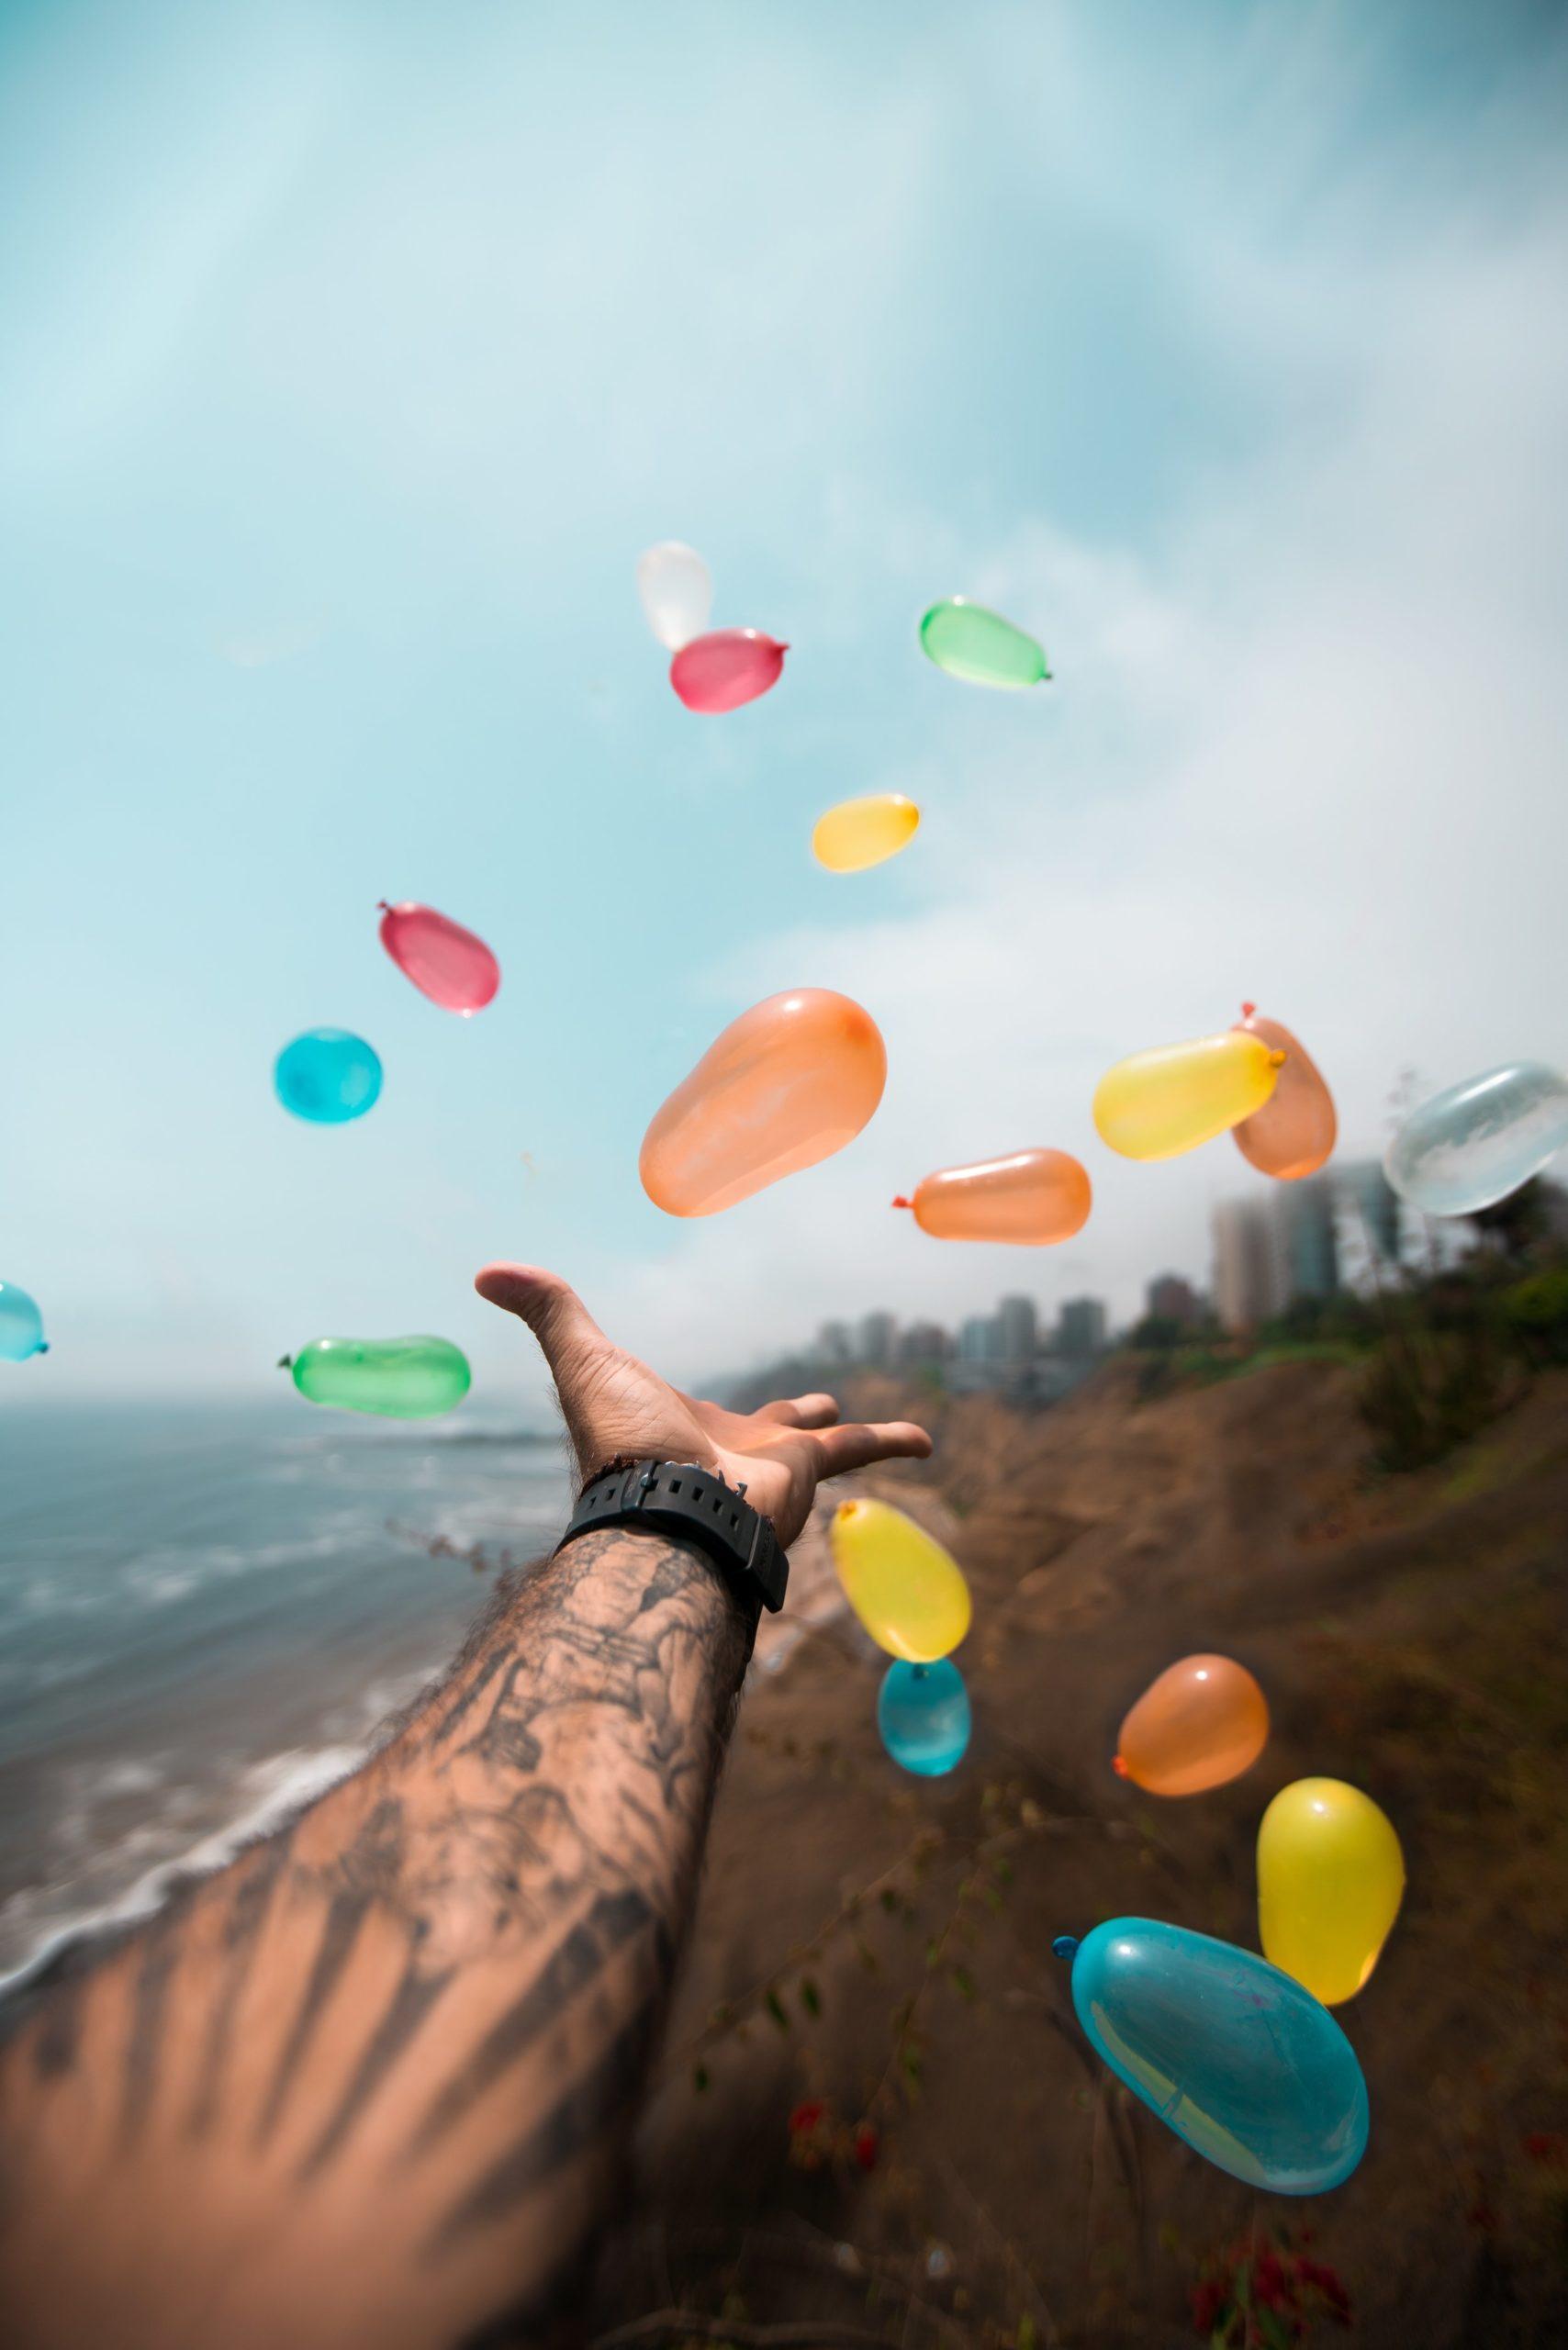 man-throwing-balloons